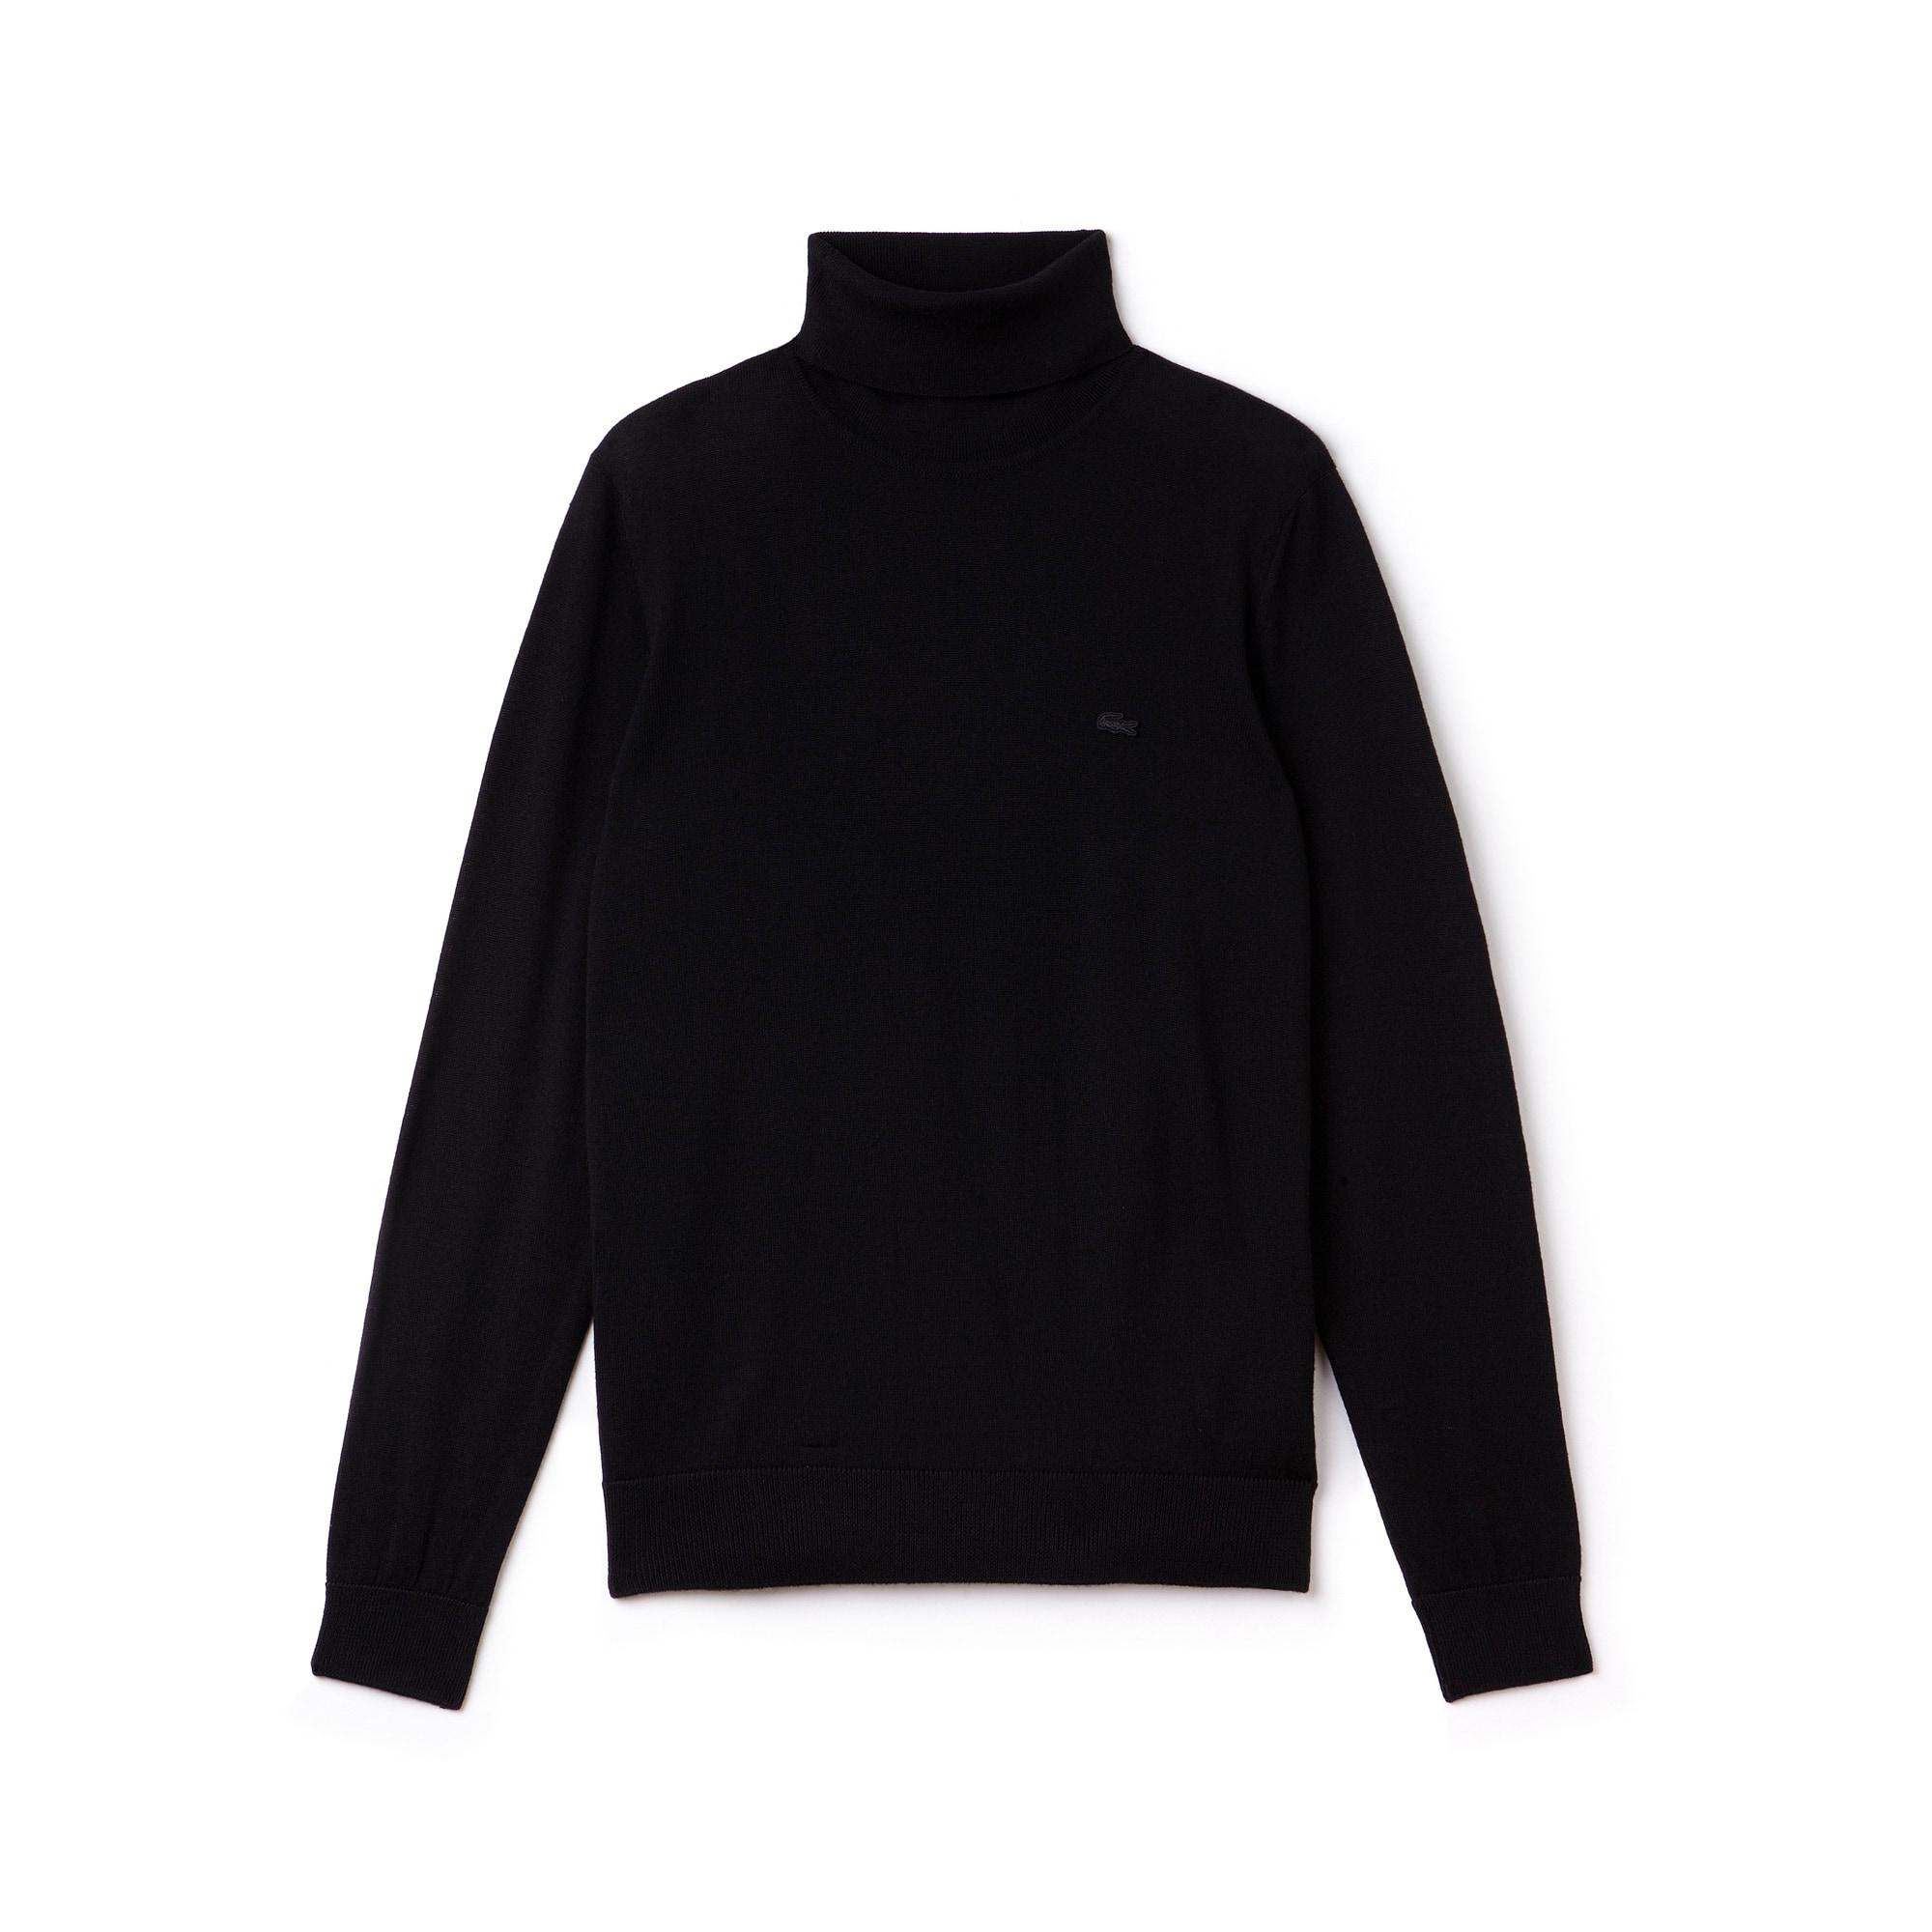 Jersey de cuello vuelto de punto jersey